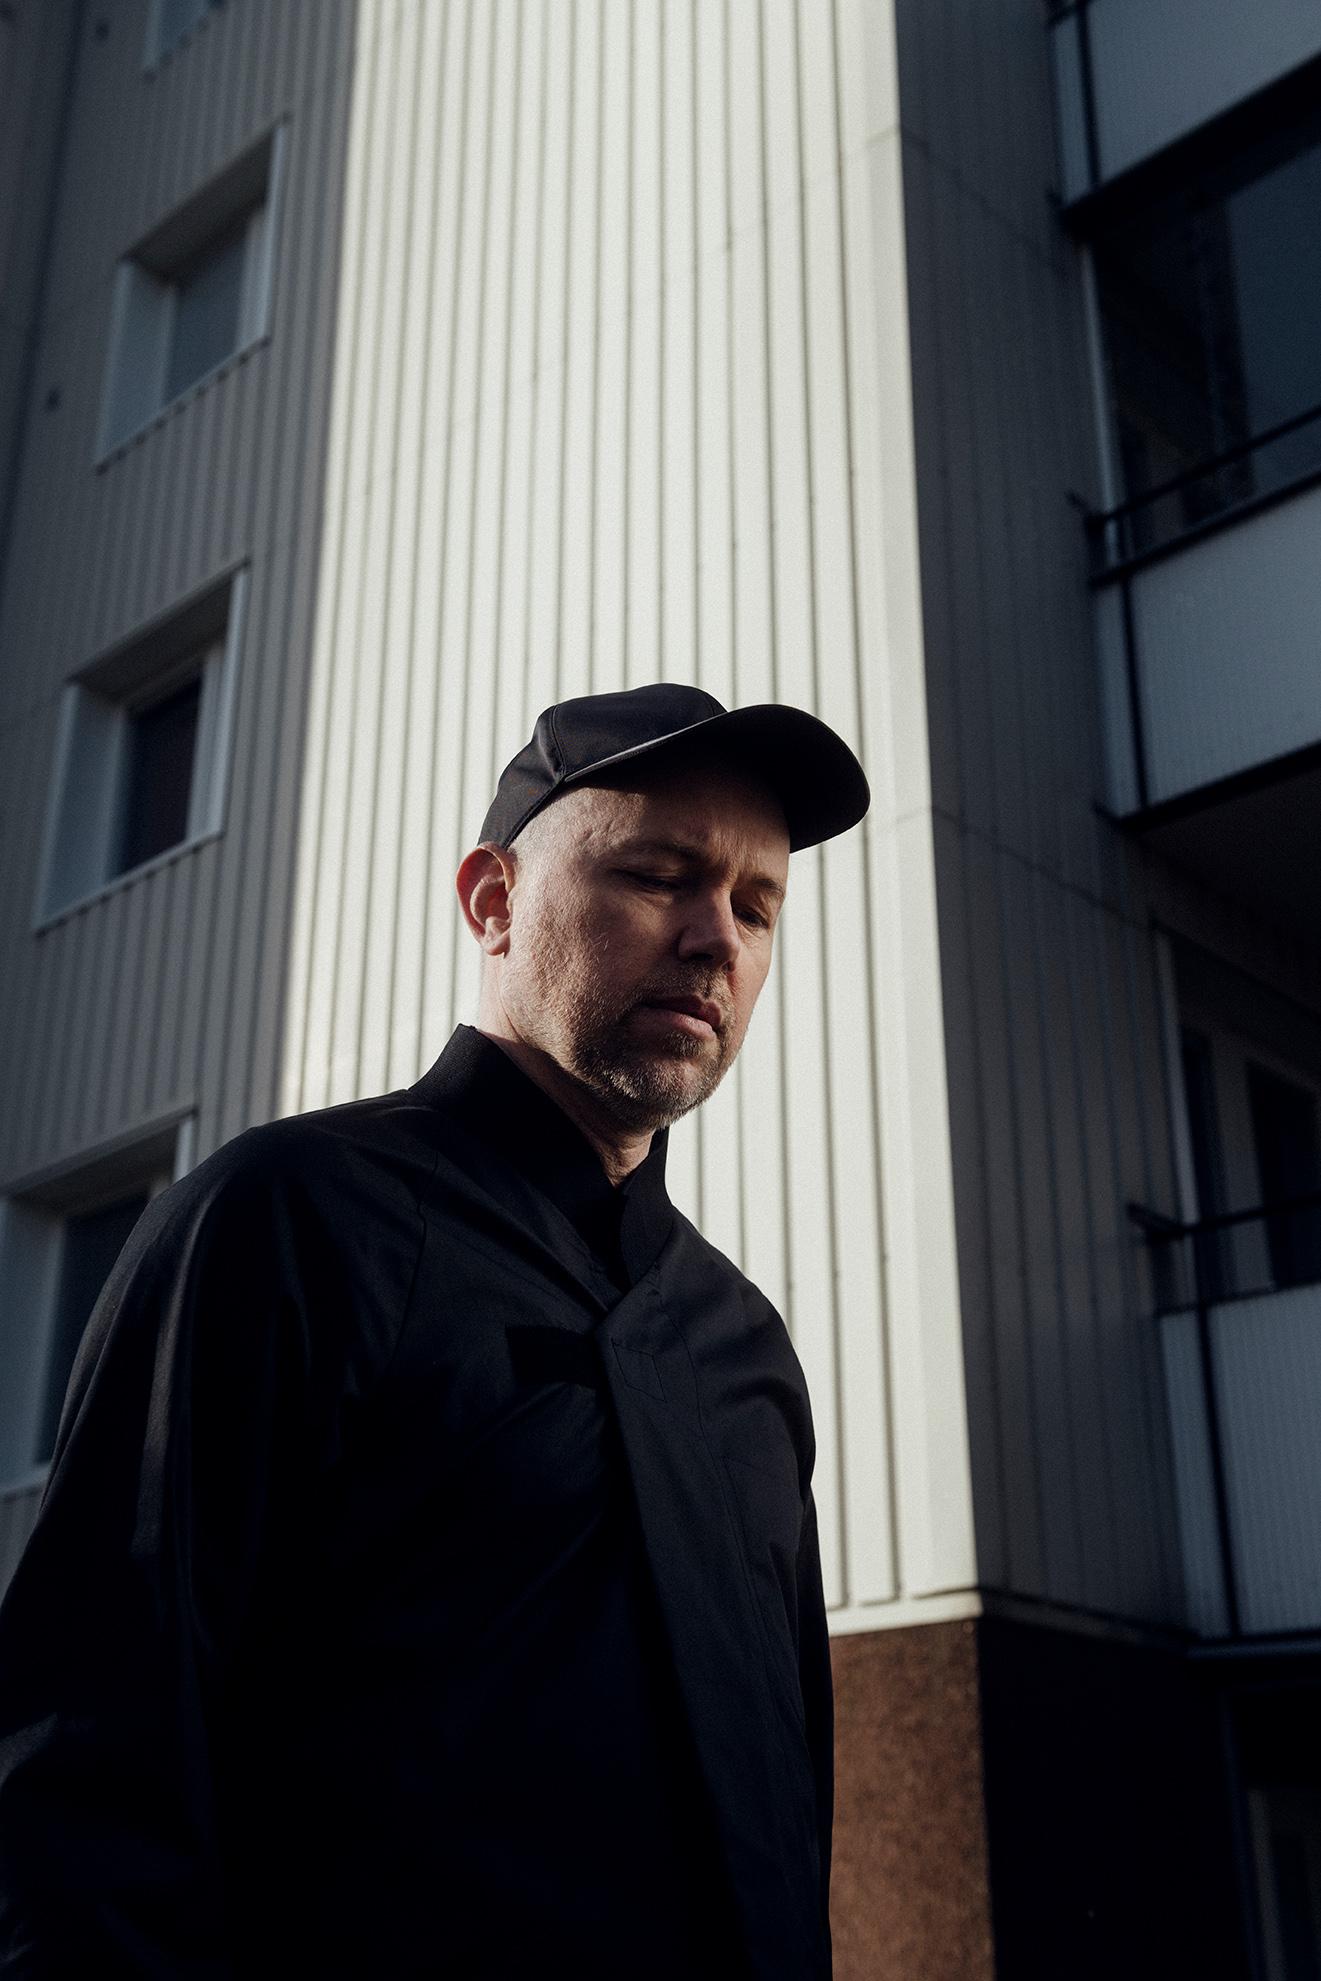 Tomas Andersson Wij framför en husfasad